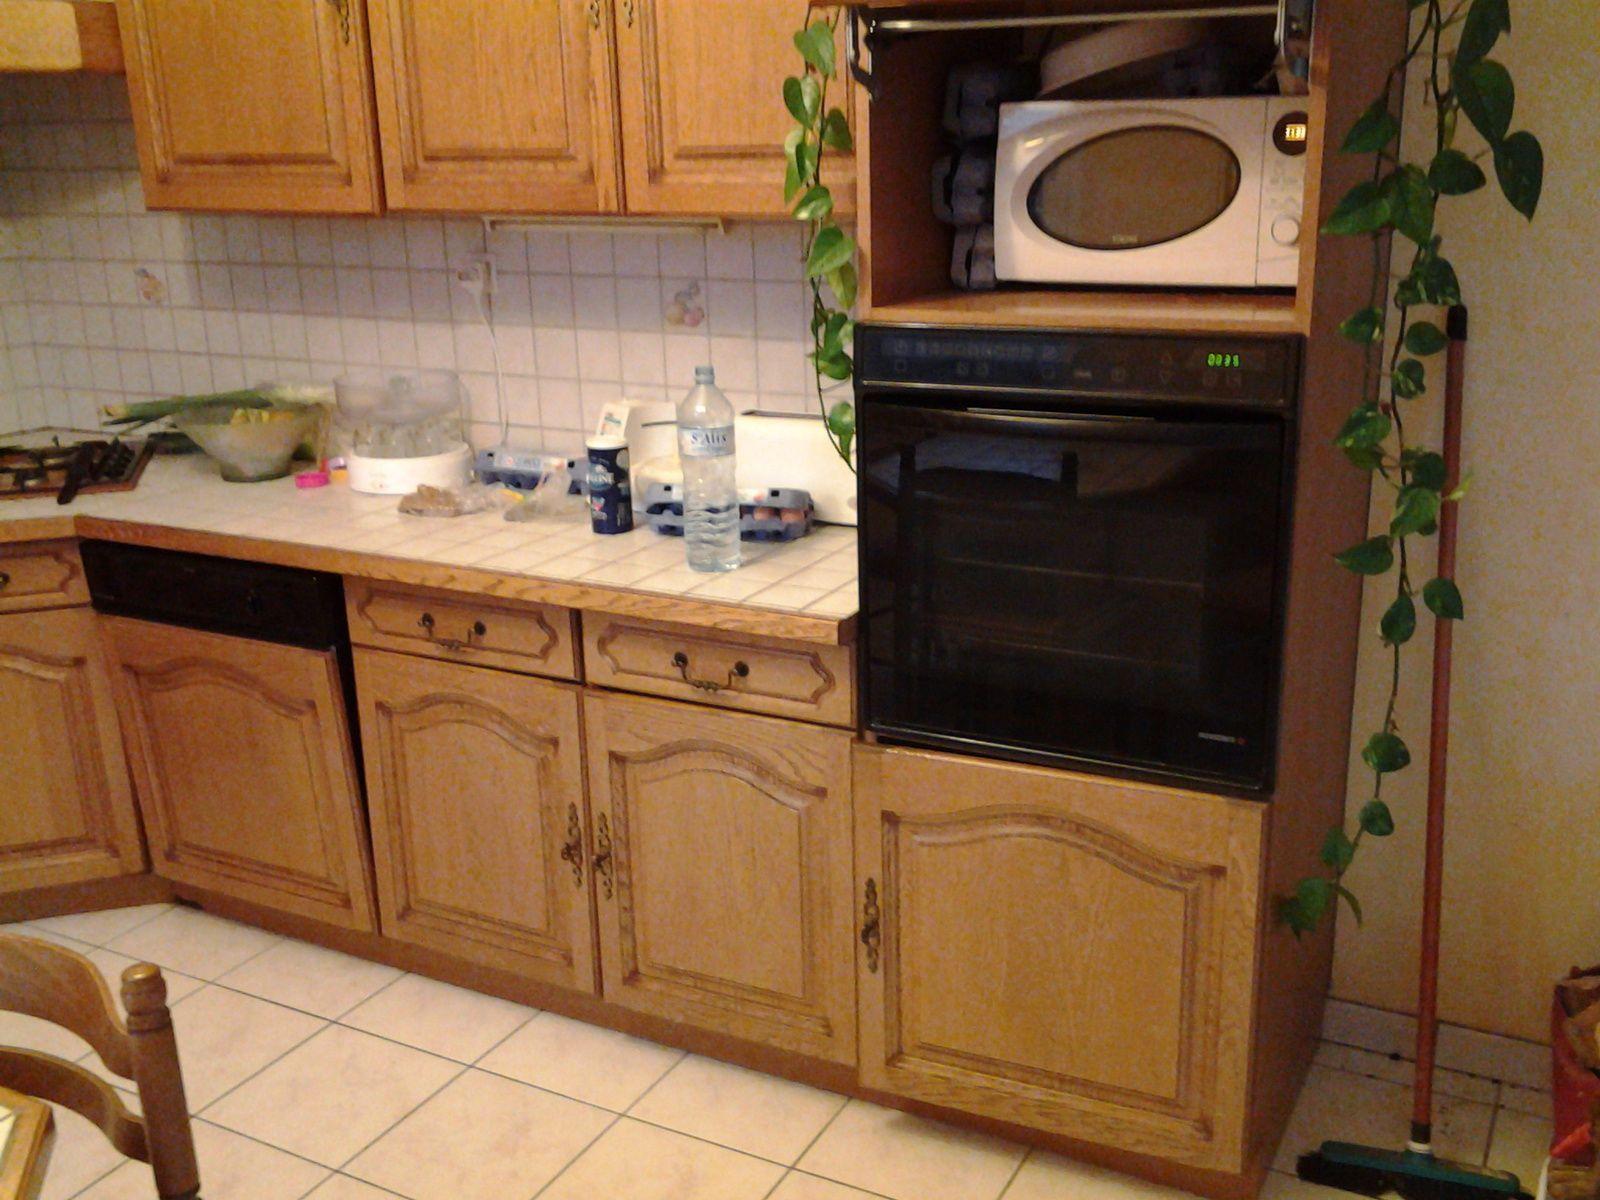 Choix De Peinture Cuisine rénover une cuisine : comment repeindre une cuisine en chêne